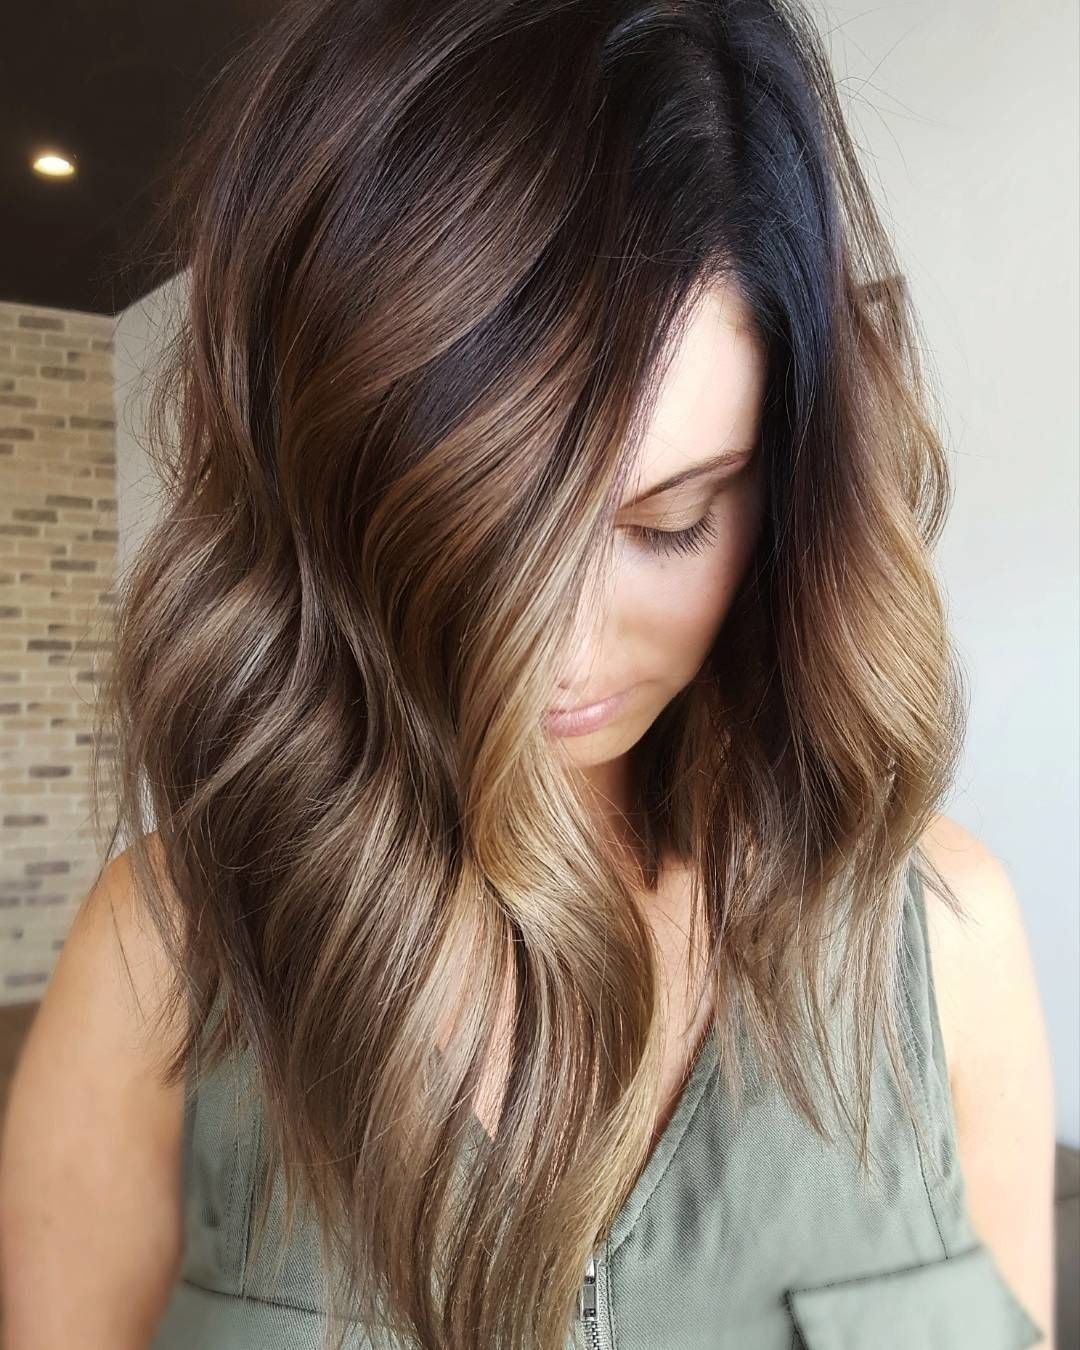 Hot brunette hair